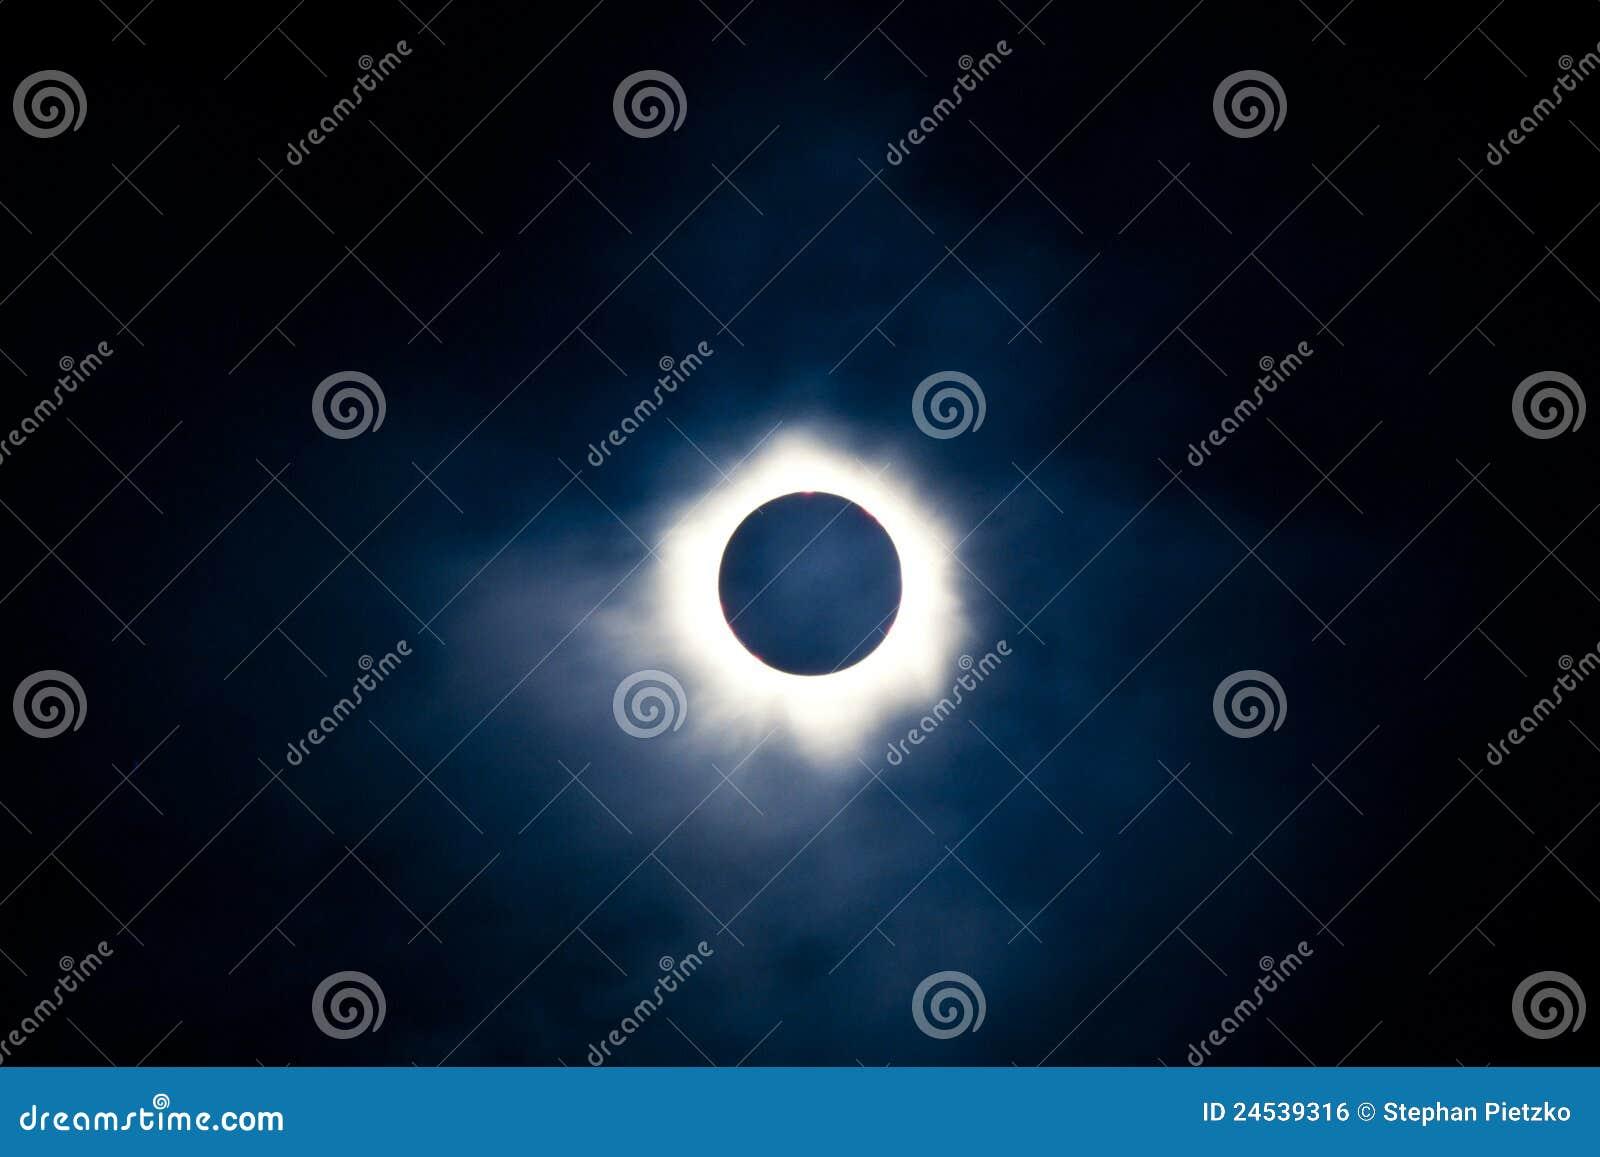 Eclipse solar total com corona visível